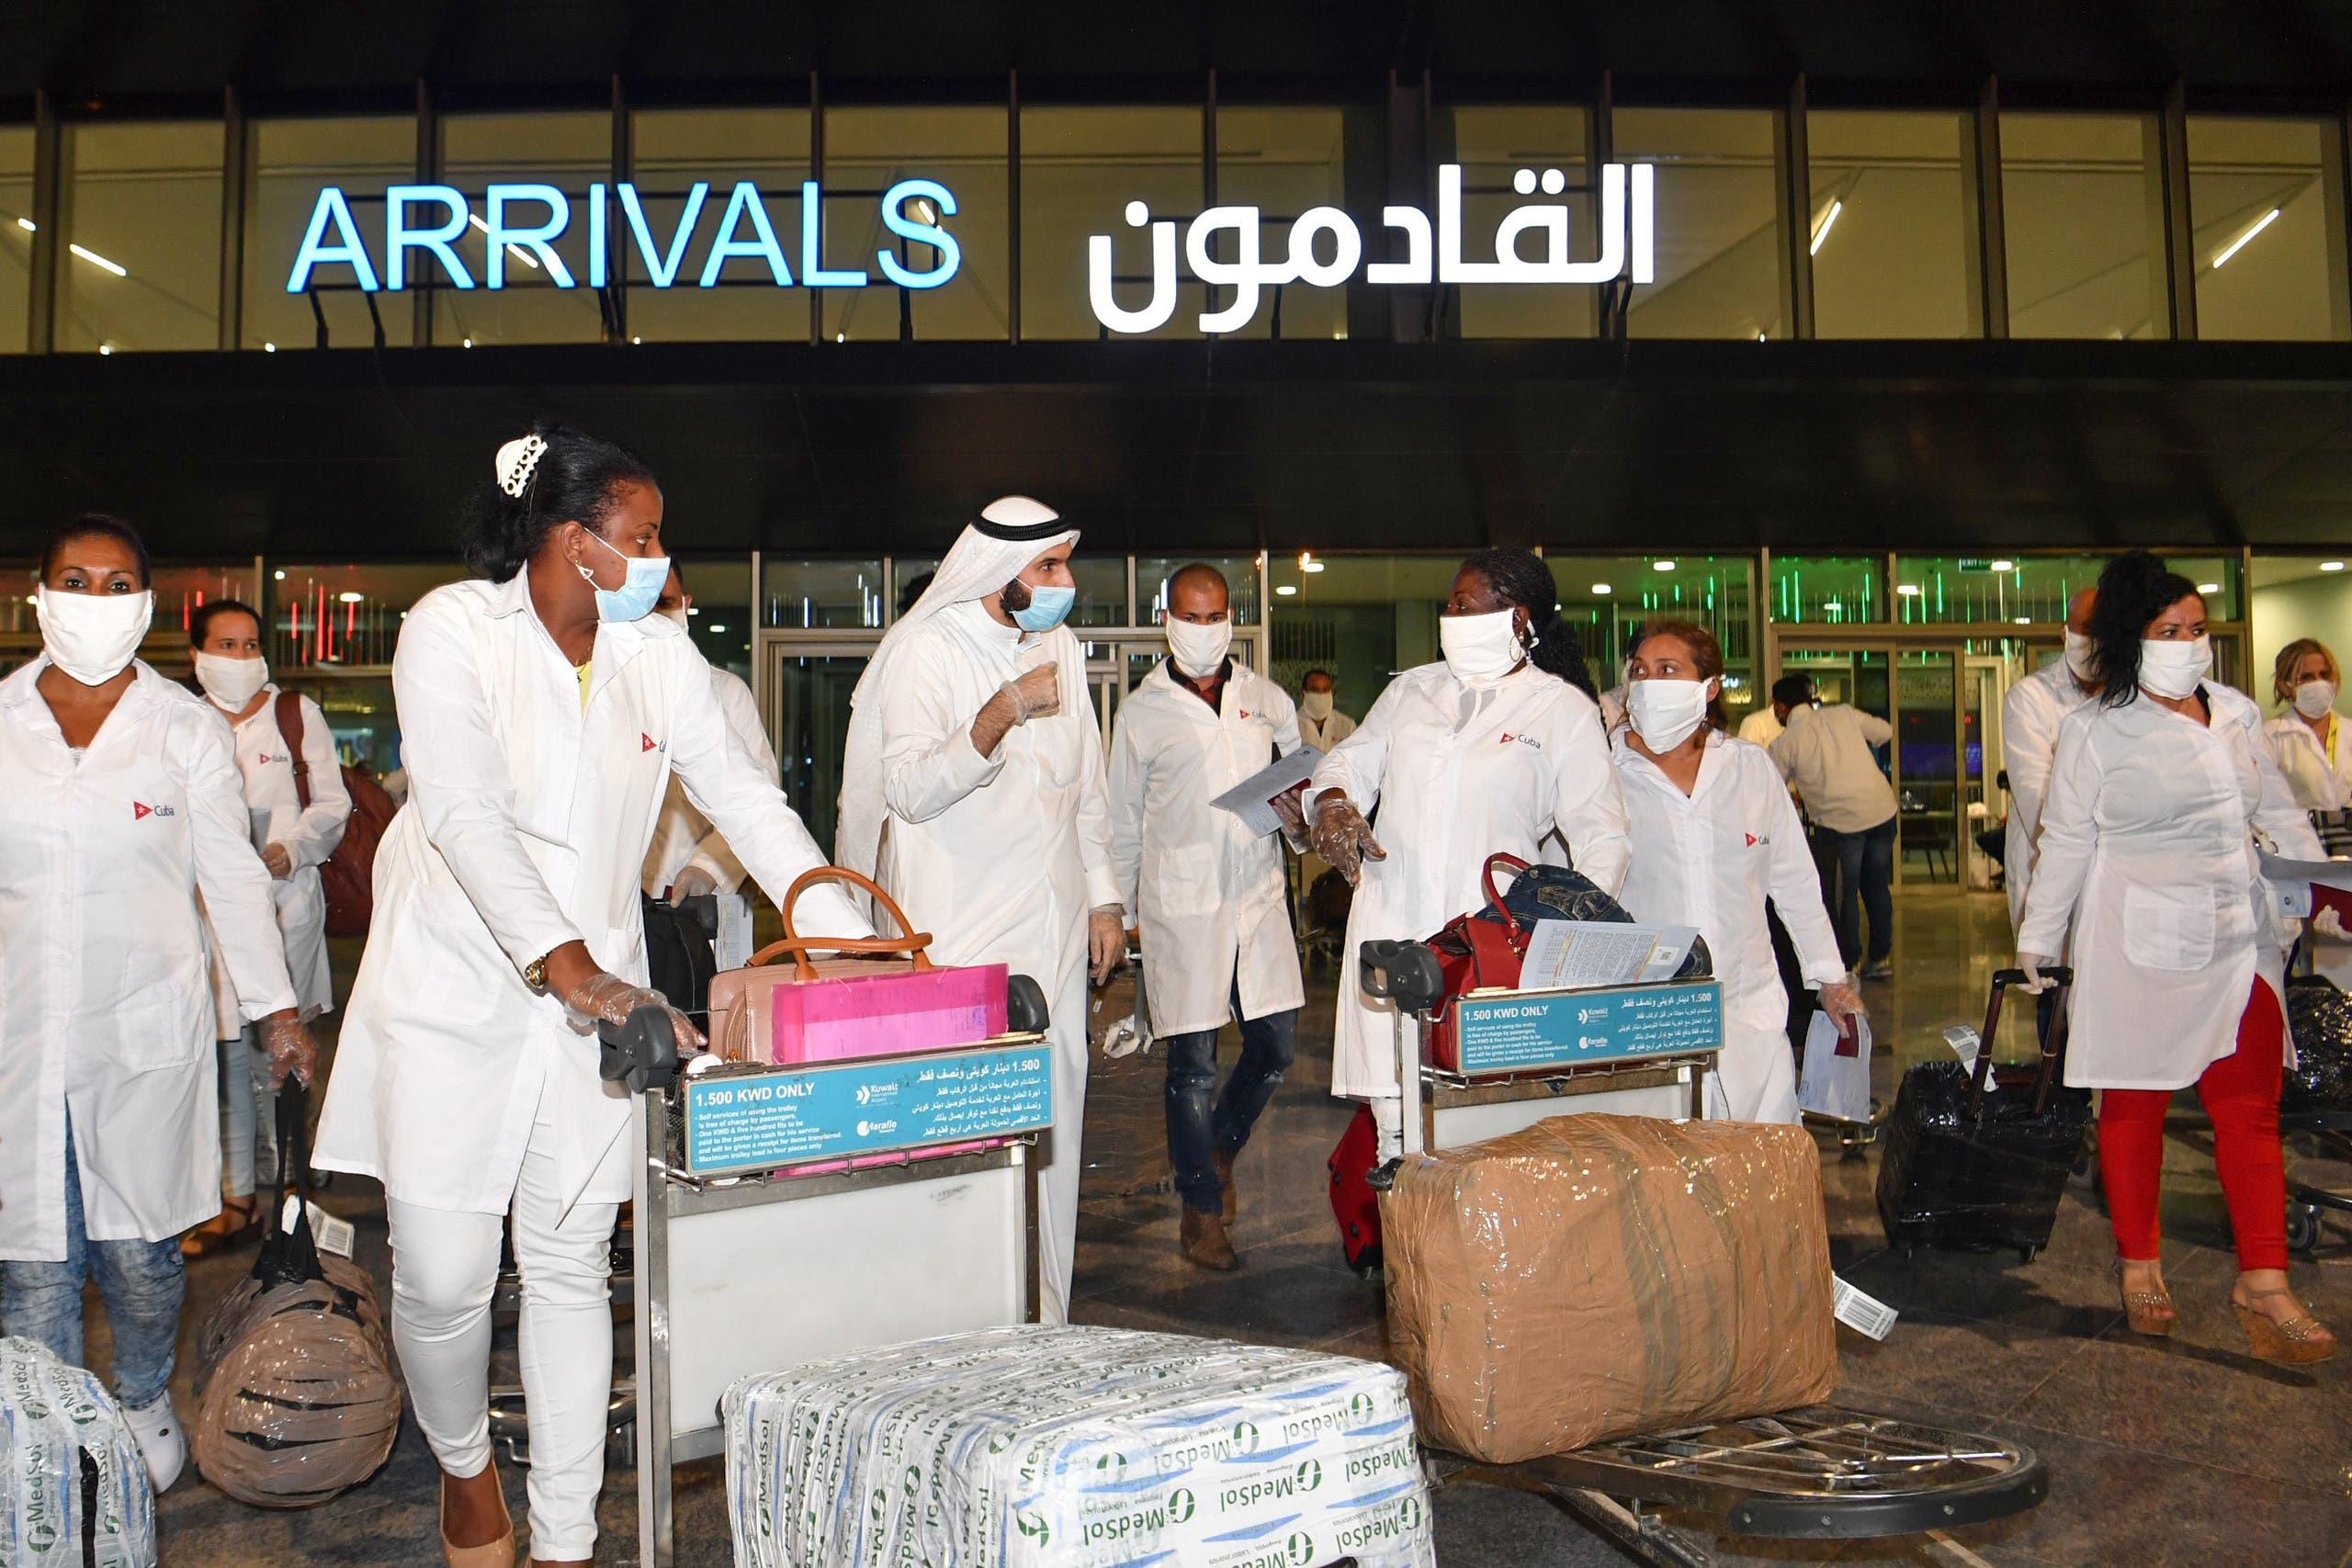 وفد طبي من كوبا يصل الكويت للمساهمة بمكافحة كورونا